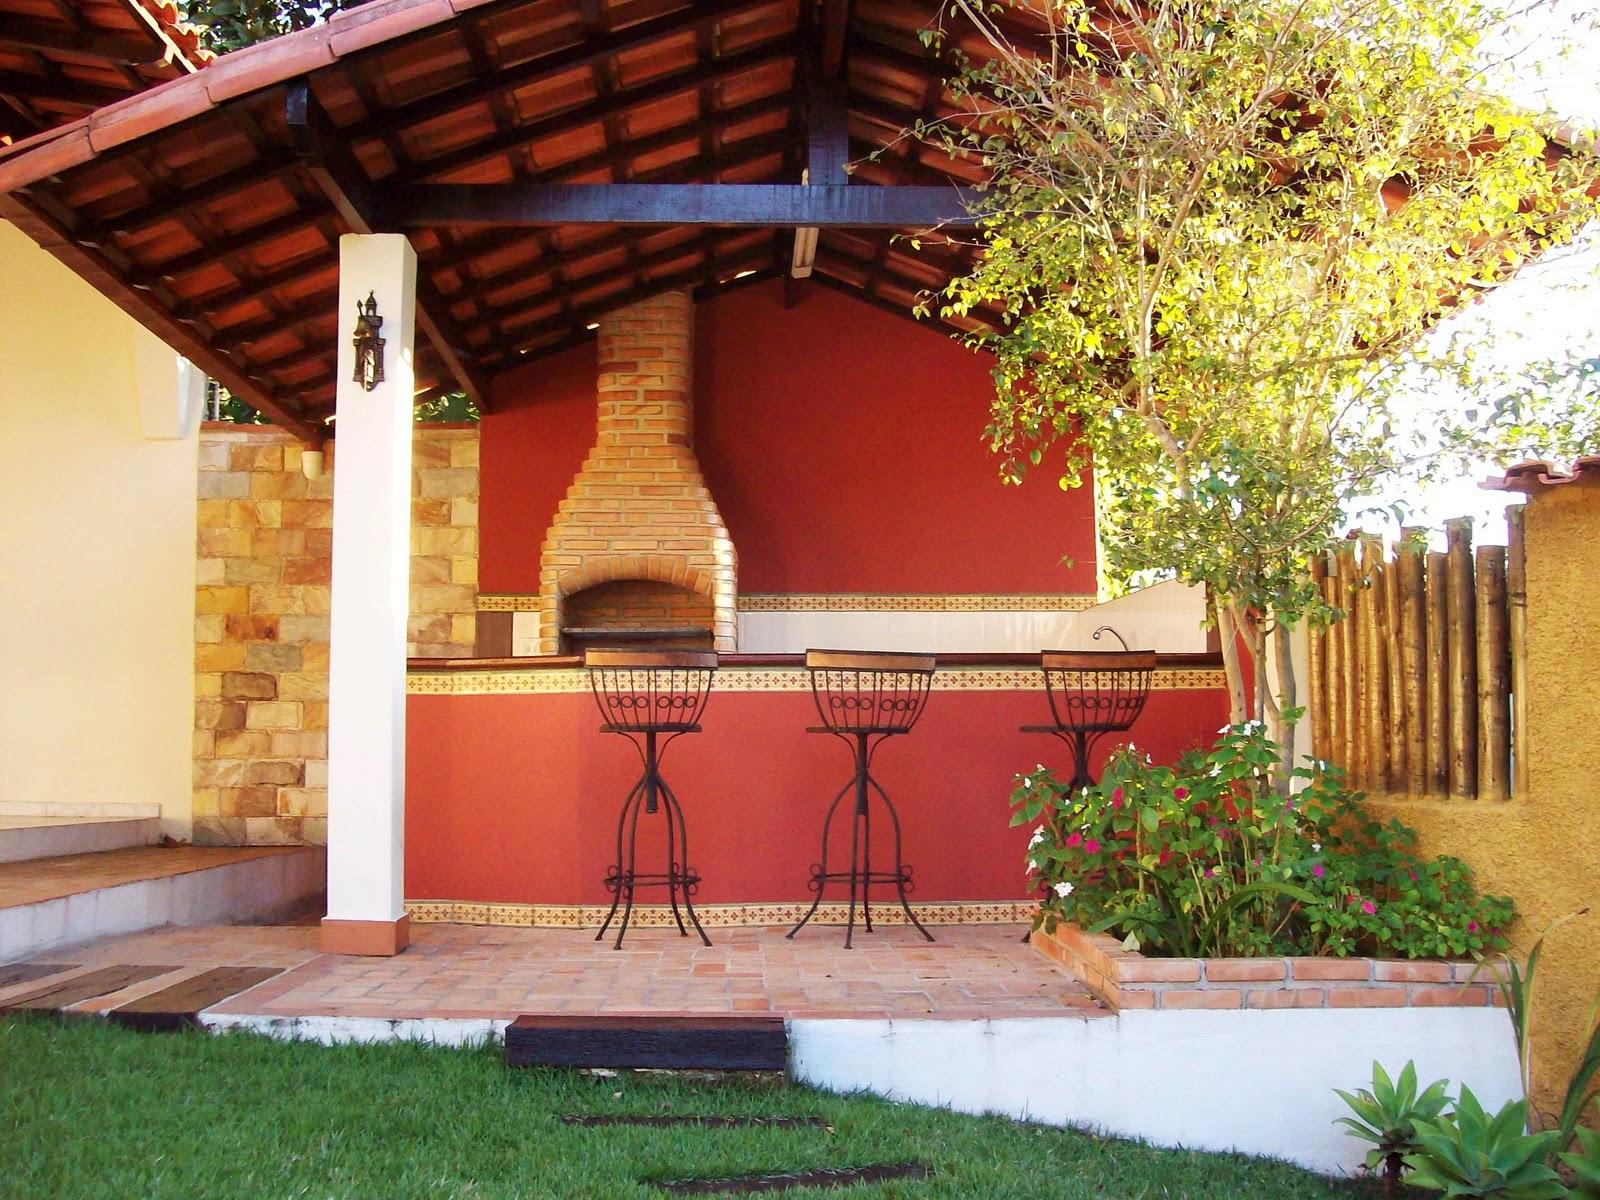 pedras jardim baratas : pedras jardim baratas:Decoração para quintal pequeno com piscina